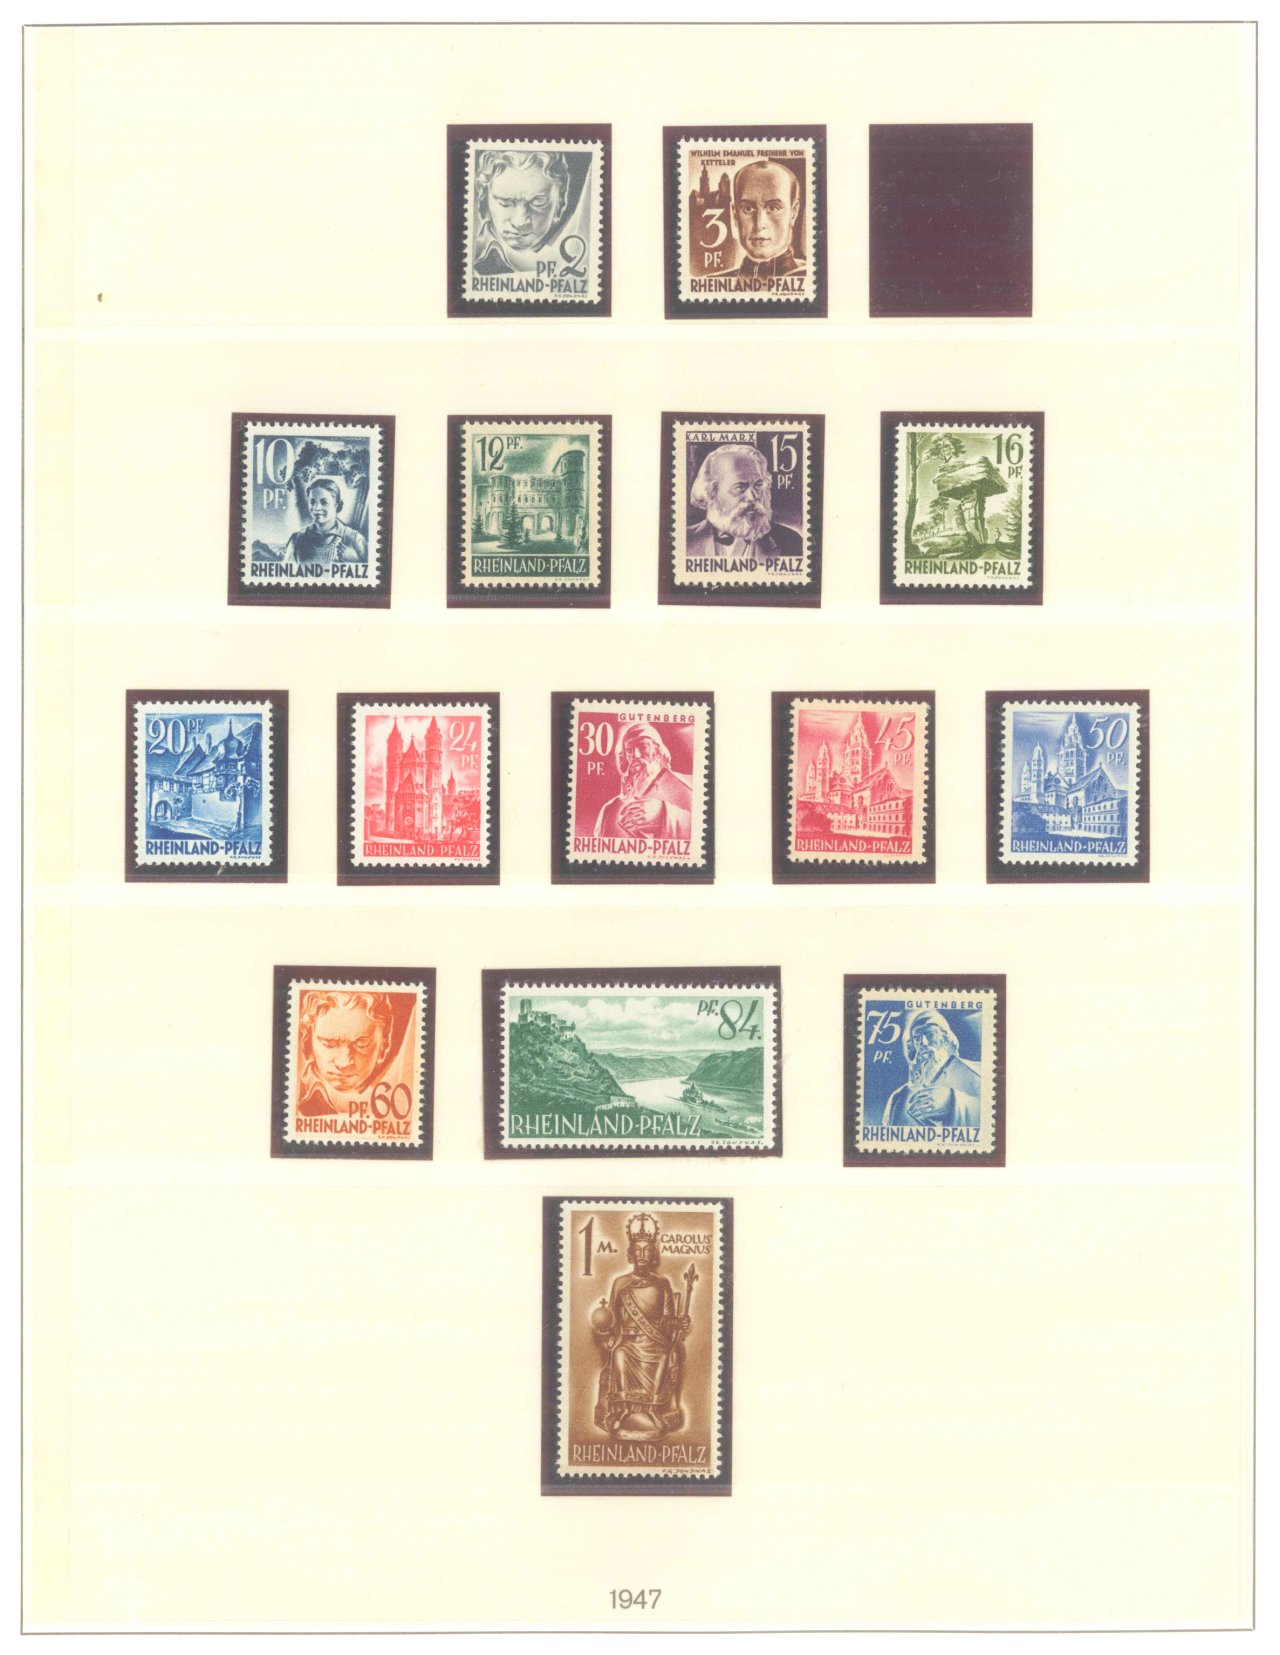 FRANZÖSISCHE ZONE RHEIN-PFALZ 1947-1949